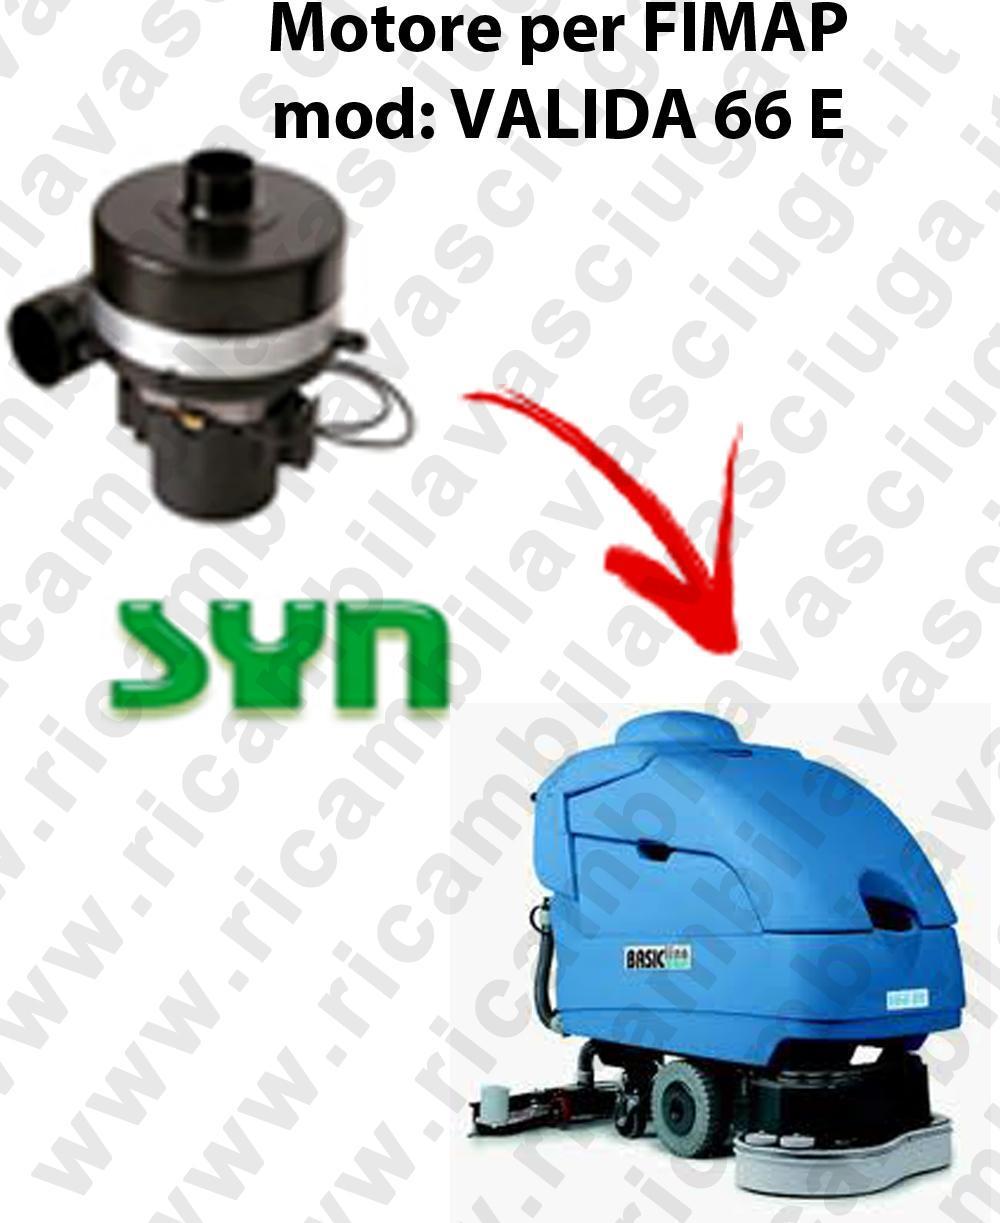 Fimap VALIDA 66 E MOTORE SYN aspirazione lavapavimenti